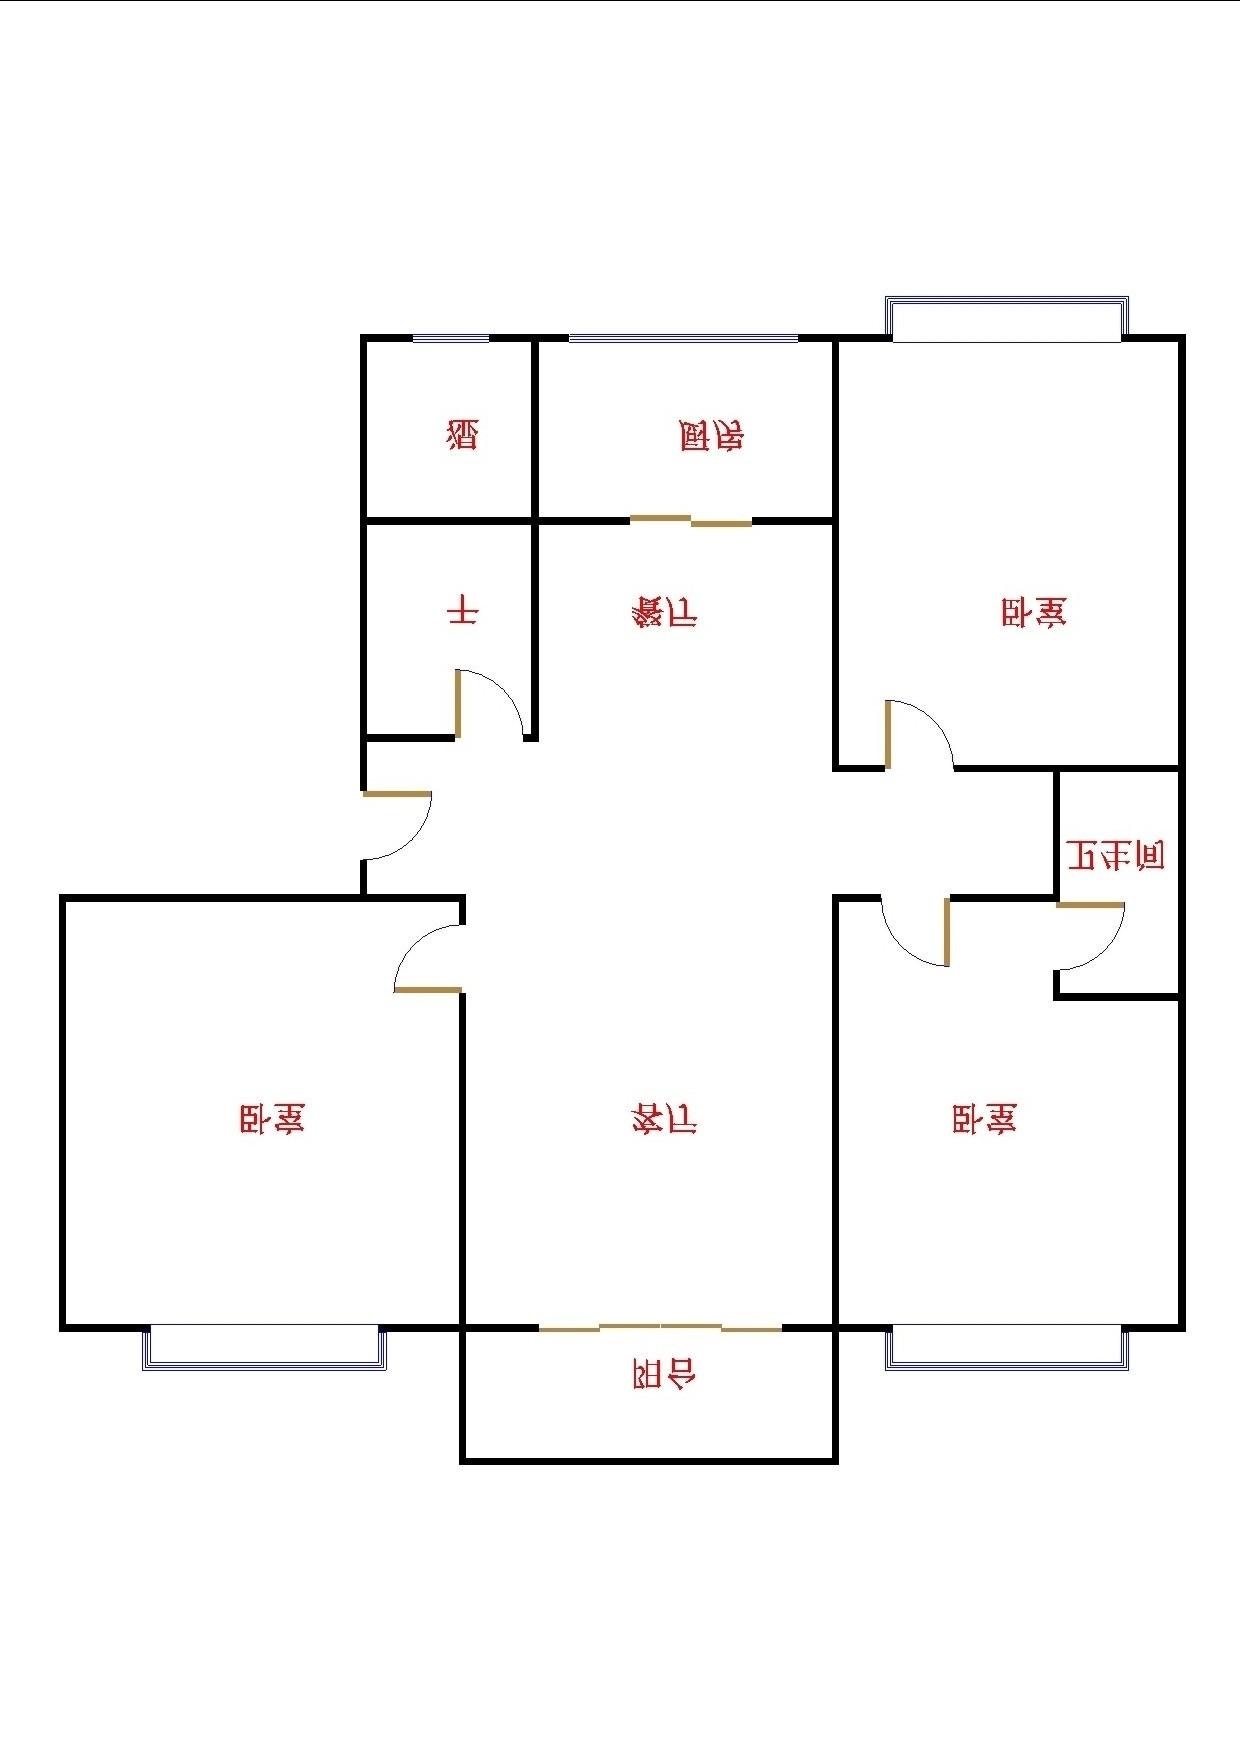 金鼎公馆 3室2厅 5楼